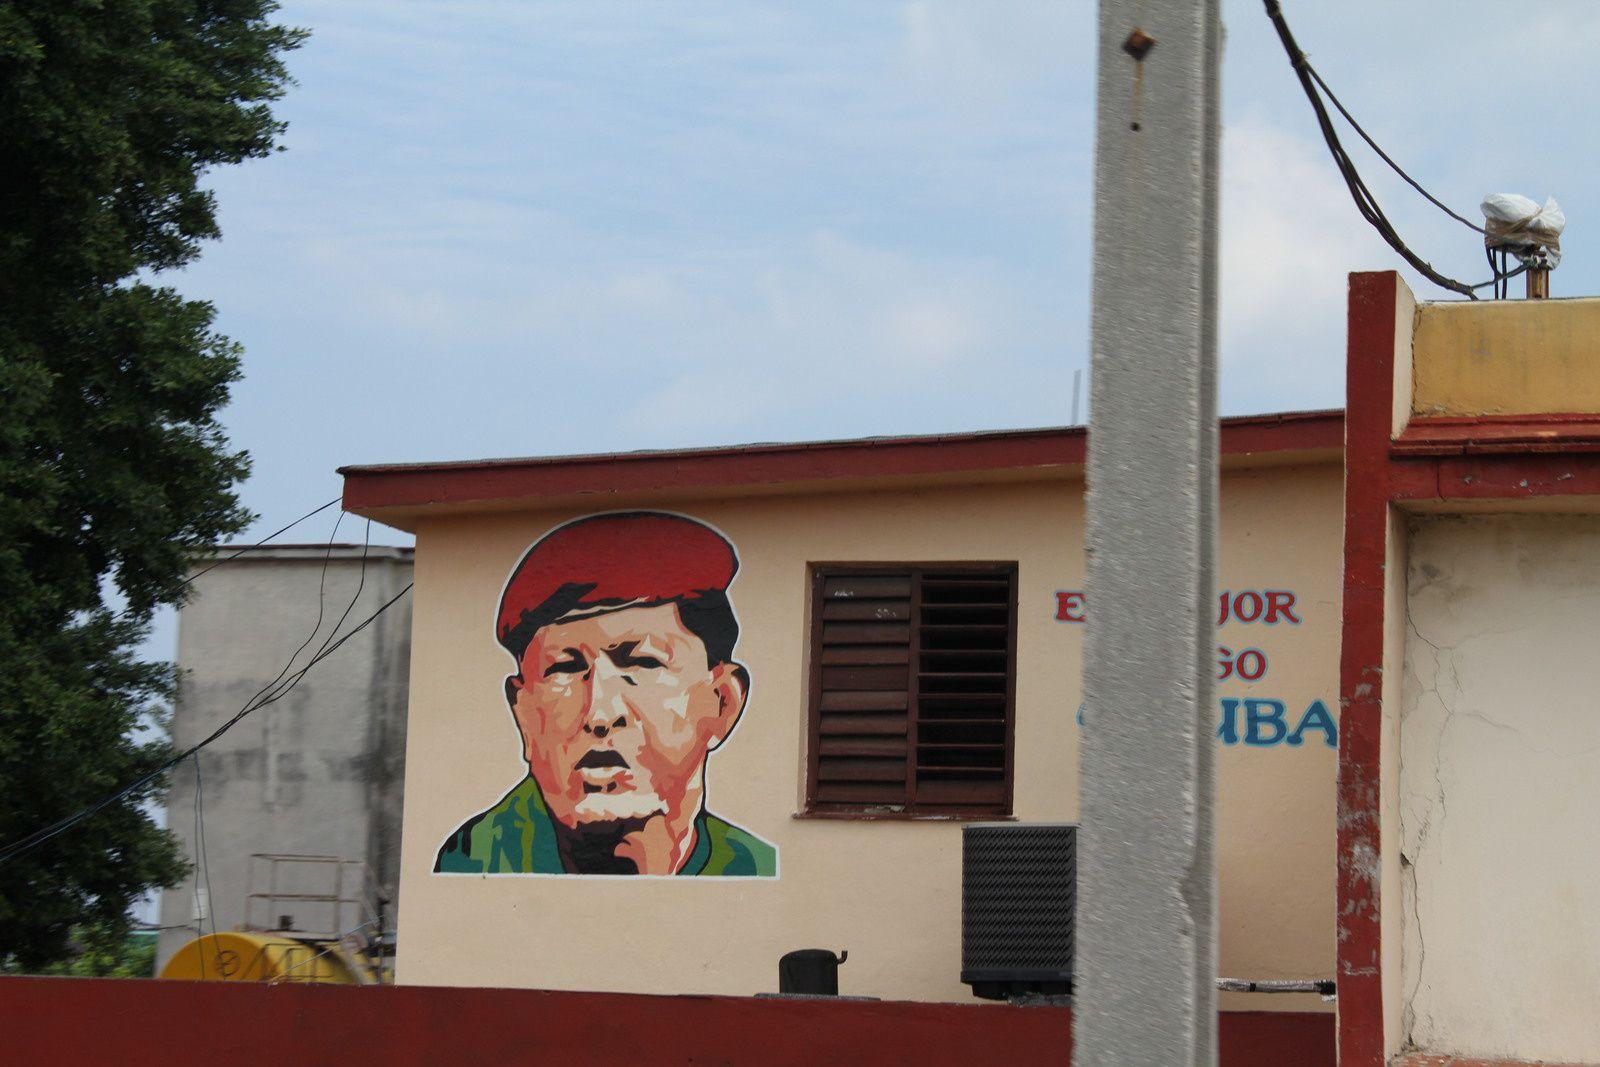 Ché Guevara, Hugo Chavez el mejor amigo de Cuba, comité de défense de la révolution, etc.